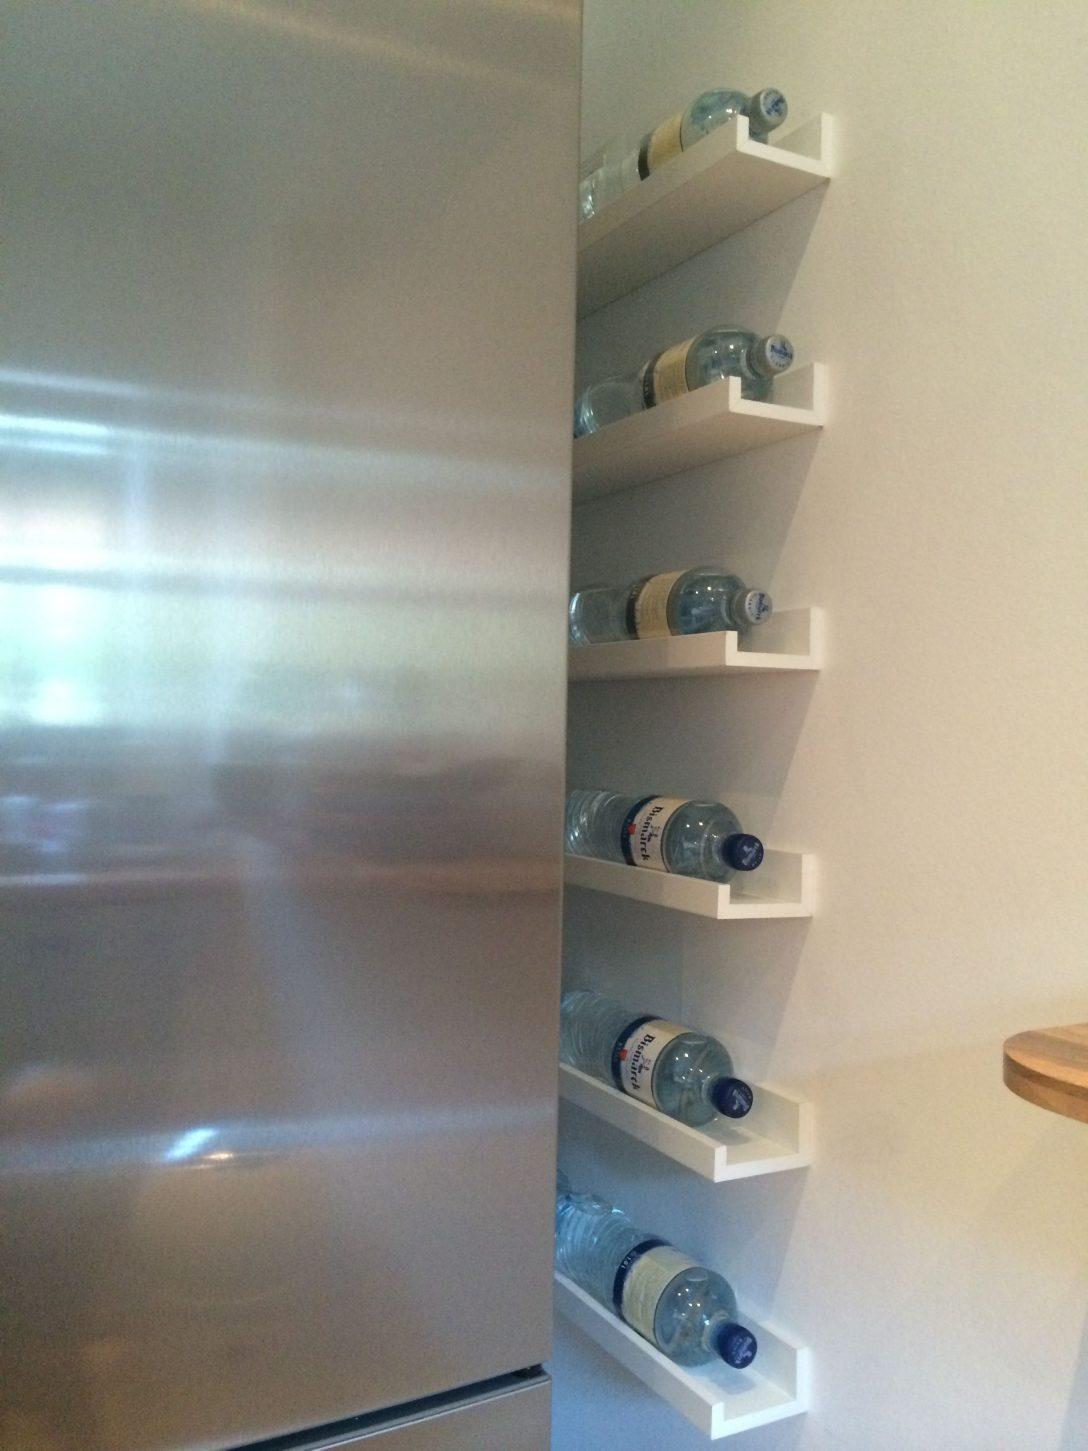 Large Size of Wandregal Küche Ikea Flaschenregal Kche Bild Leiste Mit Theke Einbauküche Gebraucht Beistelltisch Tapete Modern Fliesenspiegel Glas Selbst Zusammenstellen Wohnzimmer Wandregal Küche Ikea